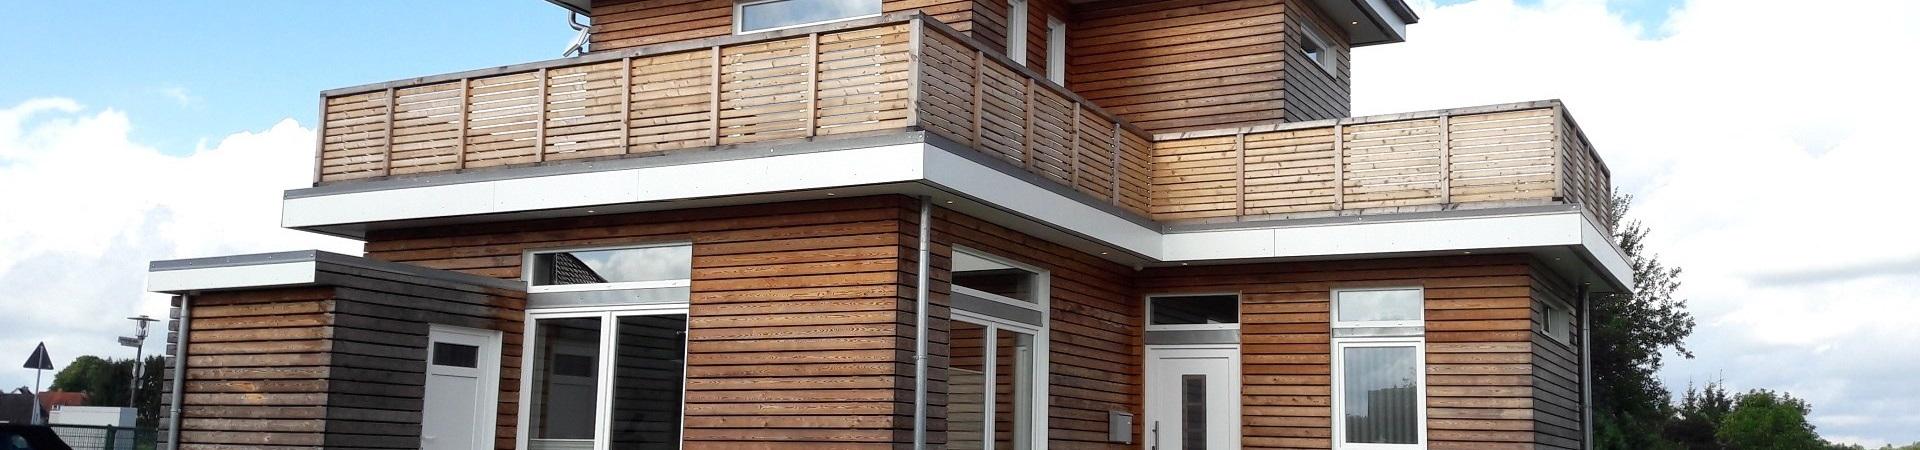 Flexibel Und Innovativ Das Holzhaus Cube Zimmerei Thielert Aus Kiel